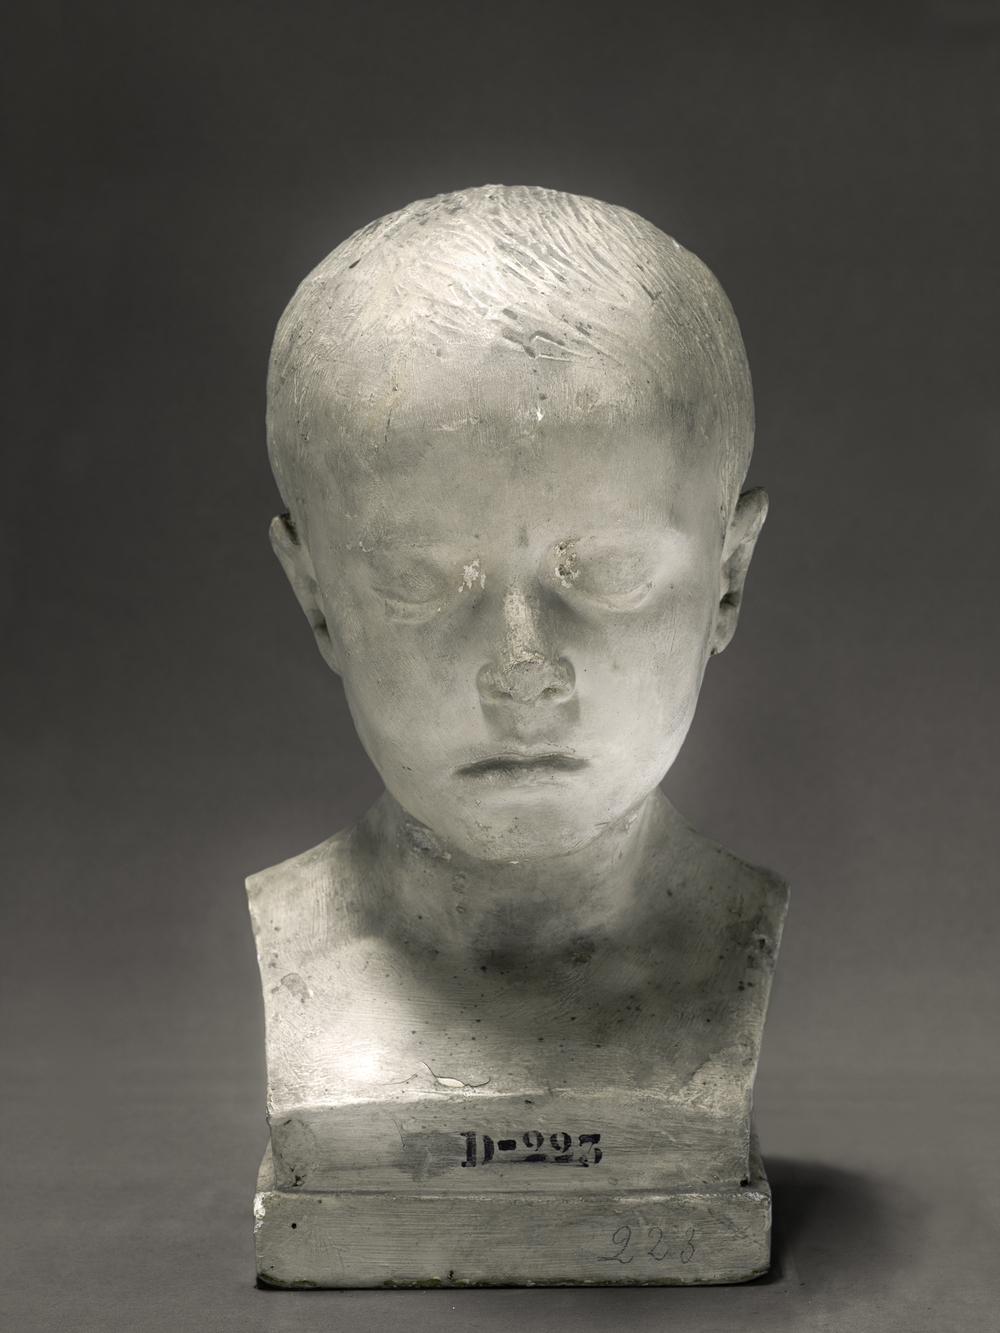 Portrait of a life cast of Jules d'Urville